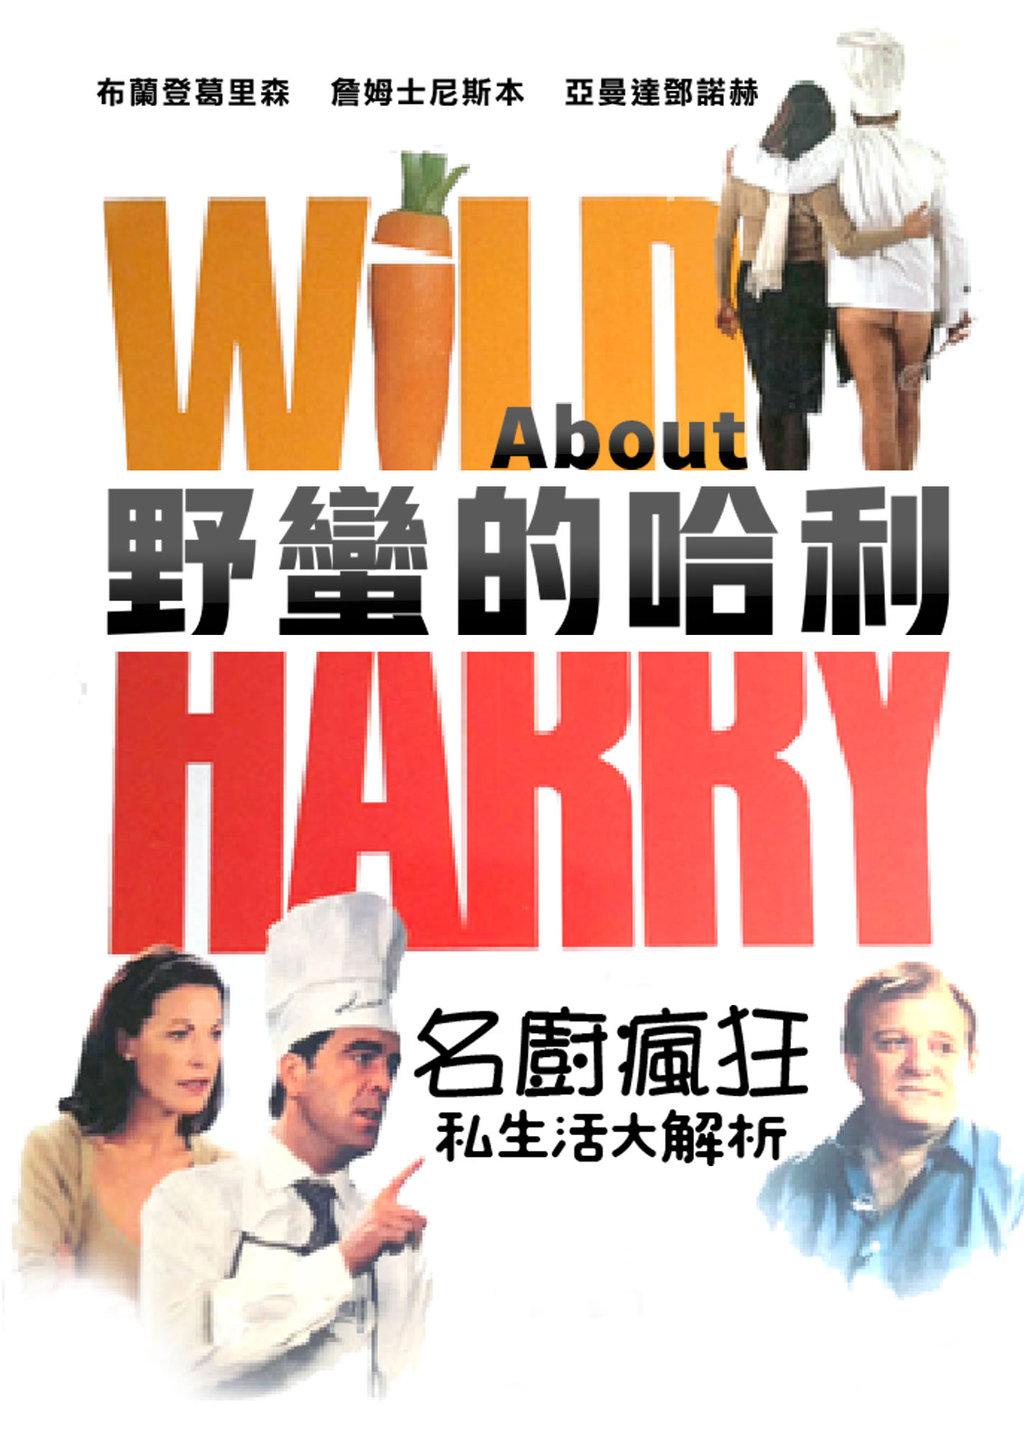 野蠻的哈利全1集|免費線上看|電影|LINE TV-精彩隨看